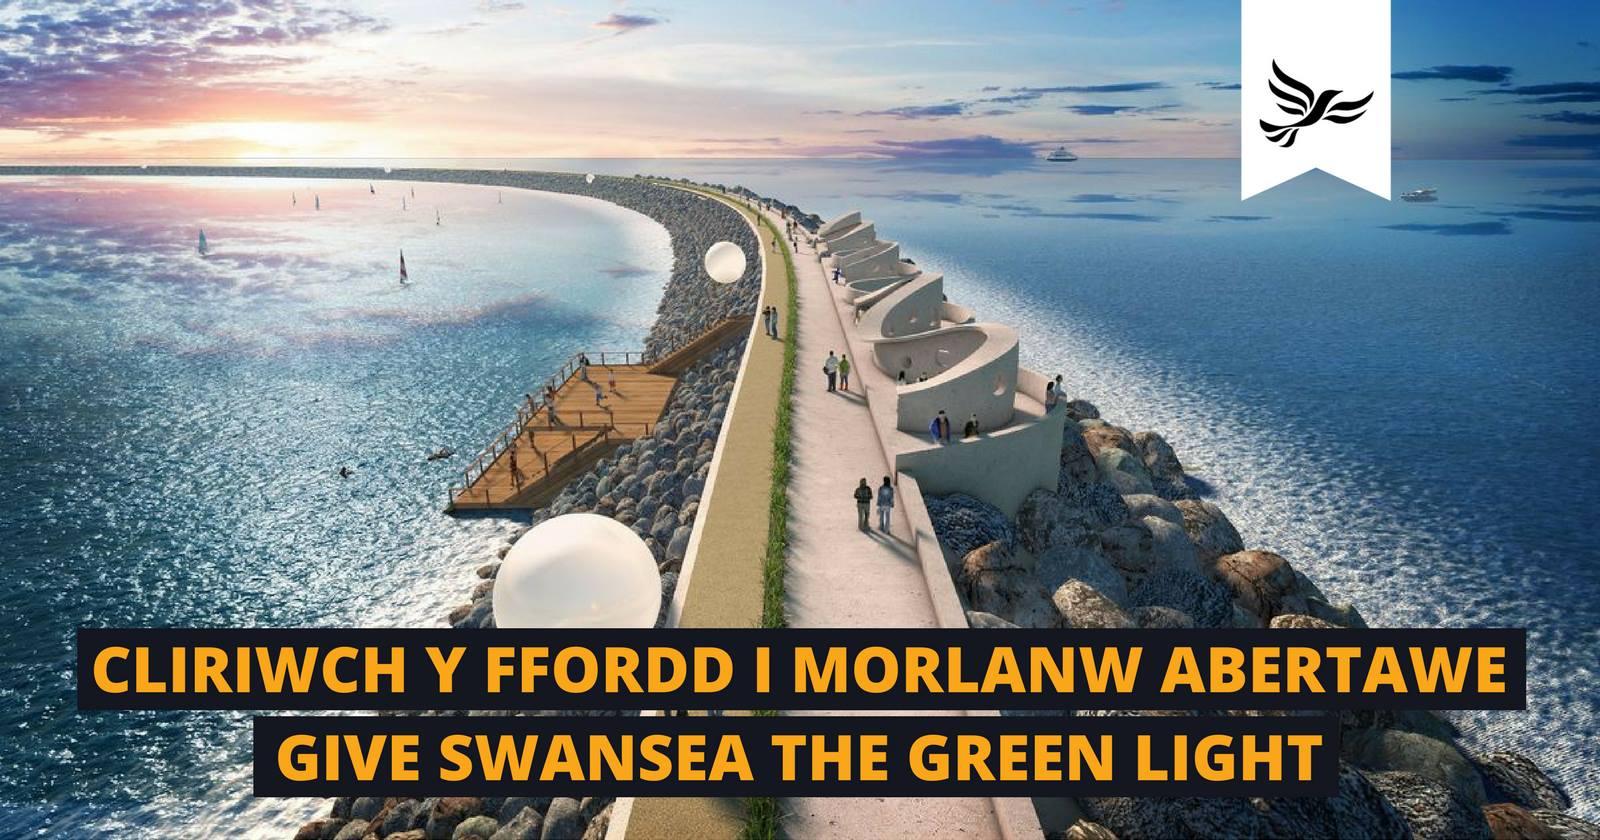 Lib Dems challenge Chancellor to act on Swansea Bay Tidal Lagoon